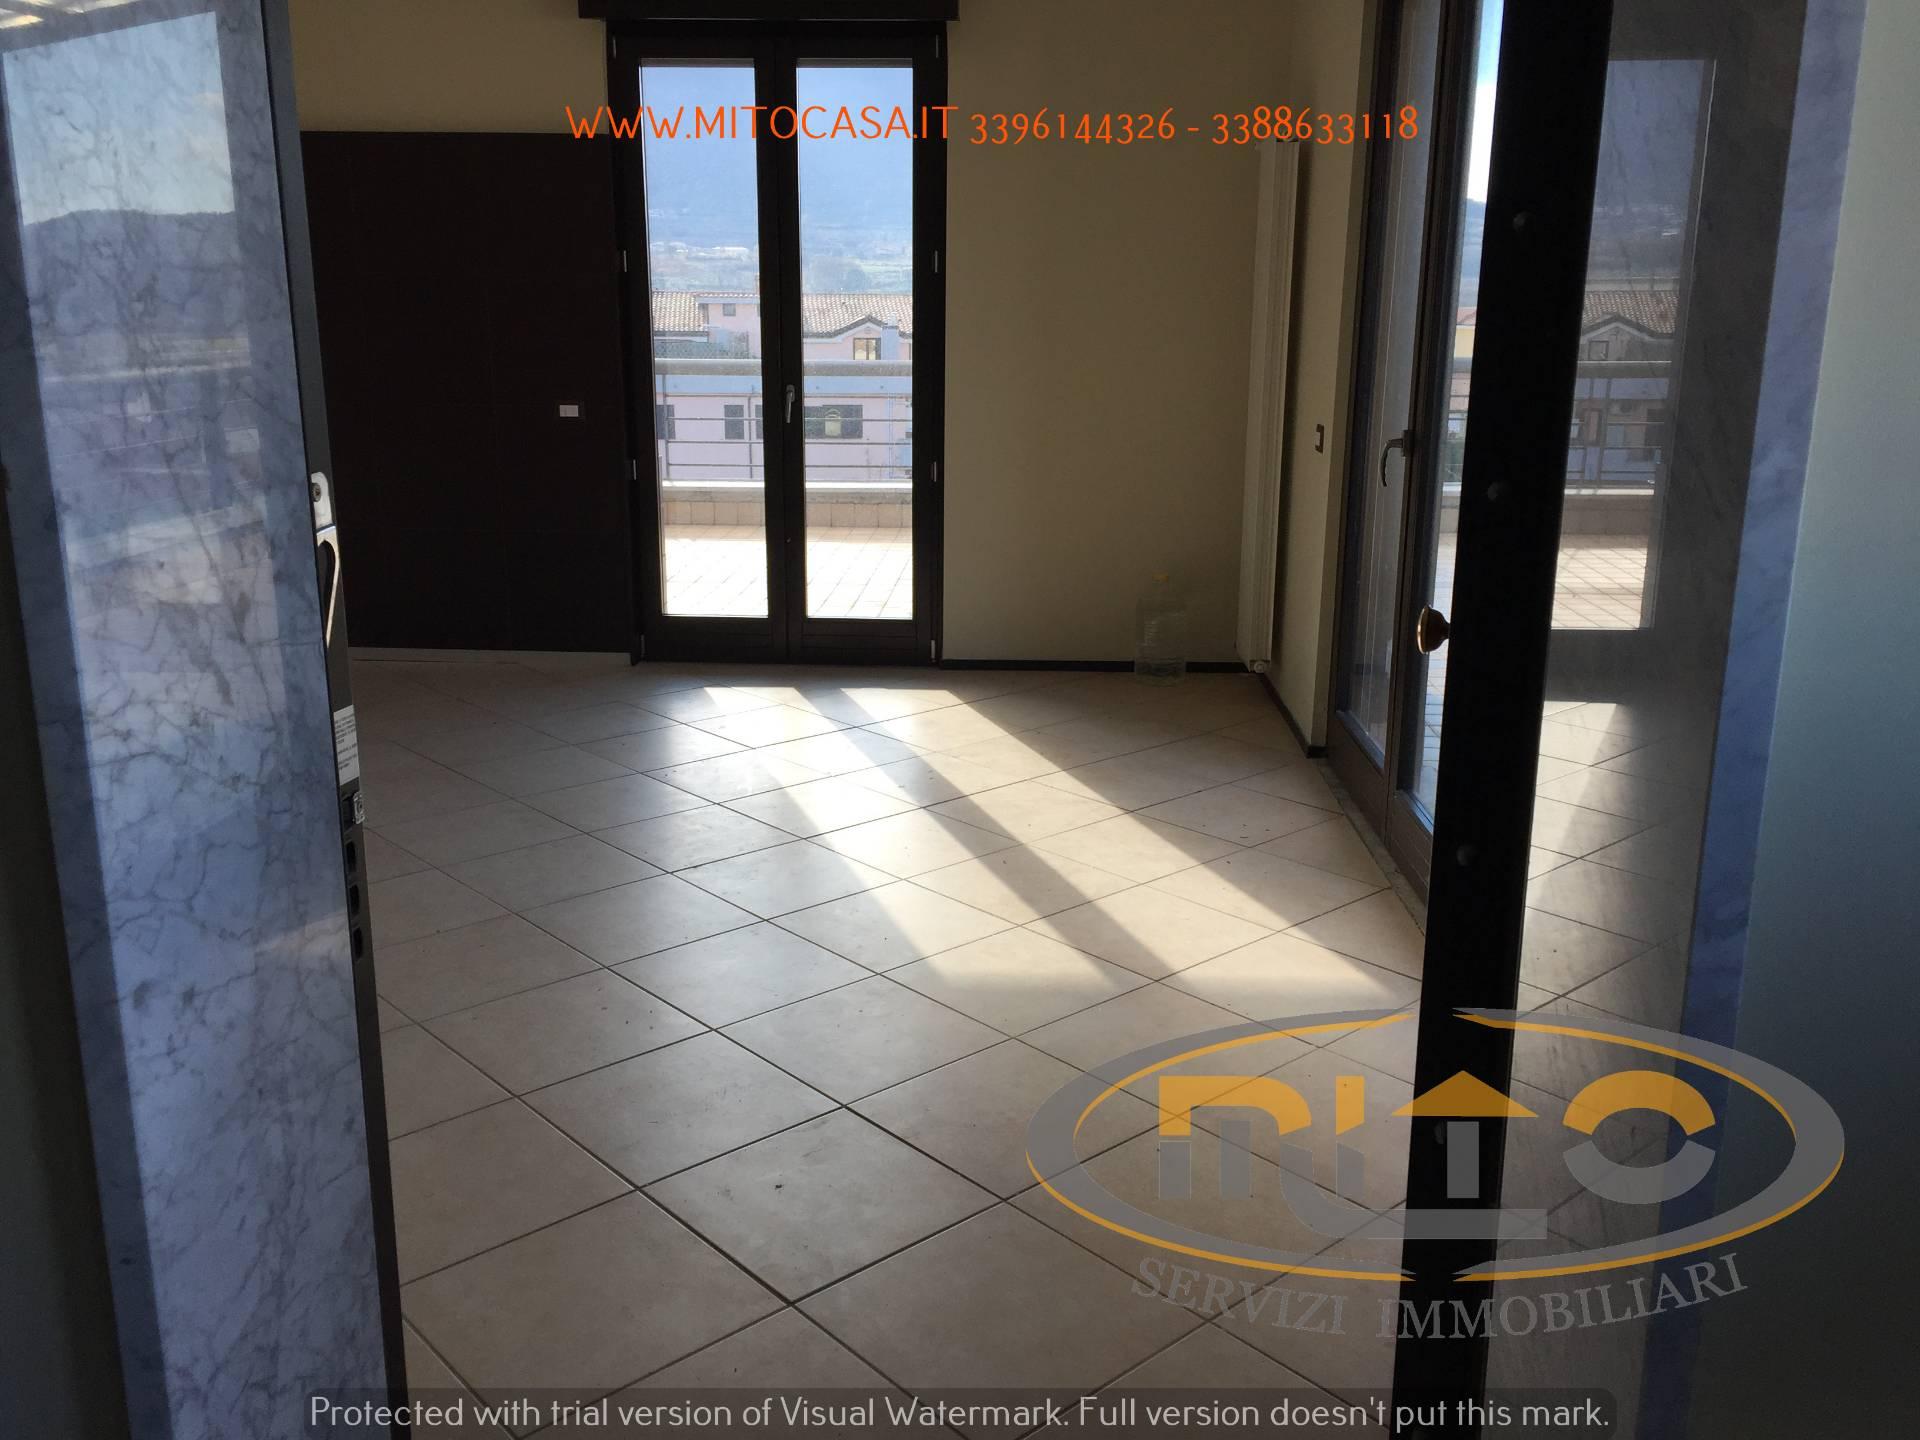 Appartamento in vendita a Telese Terme, 4 locali, prezzo € 110.000 | CambioCasa.it